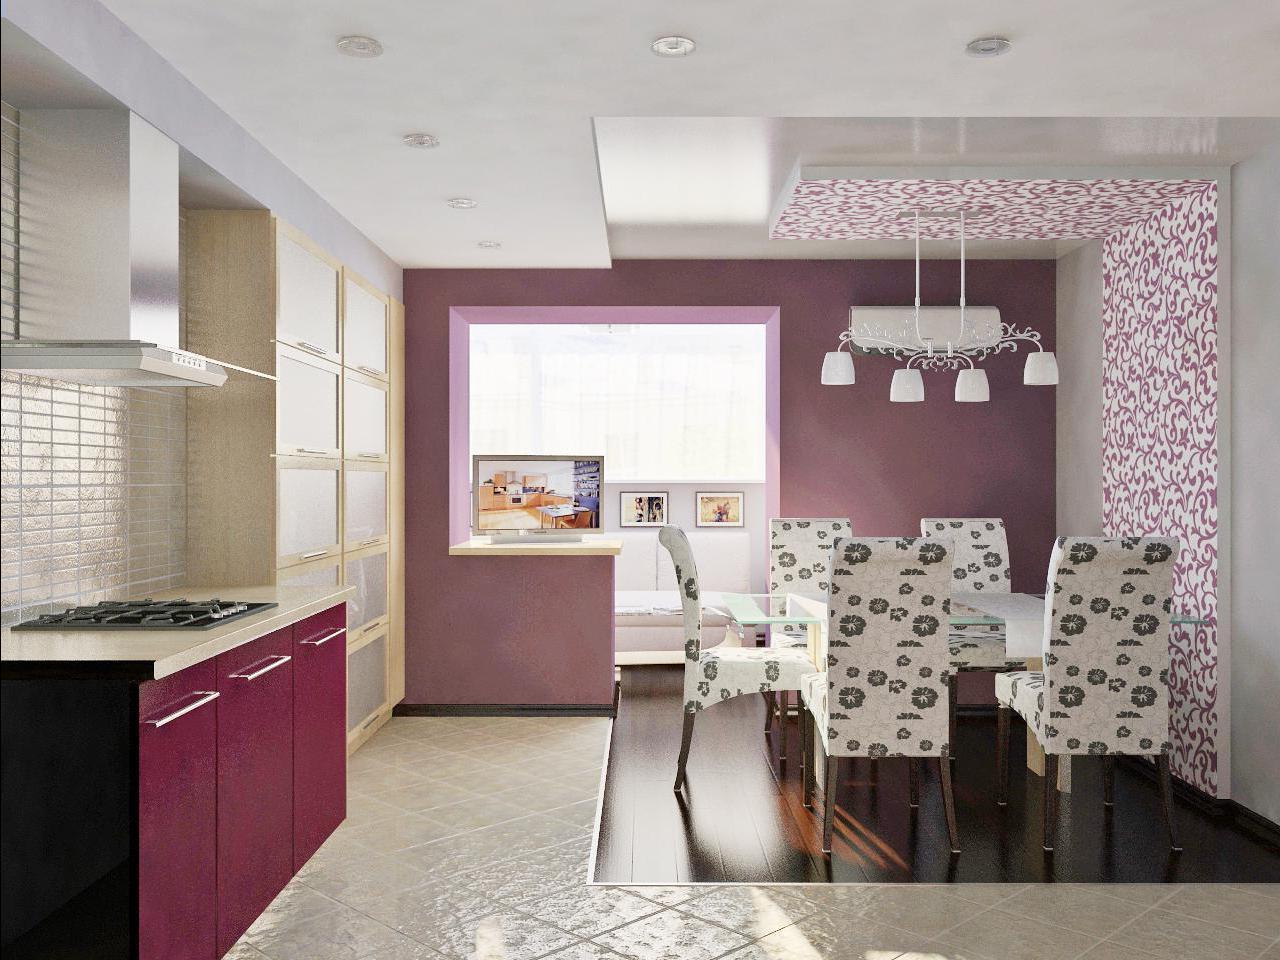 Правильно оформленный дизайн кухни 15 кв м: потолок, стены, .